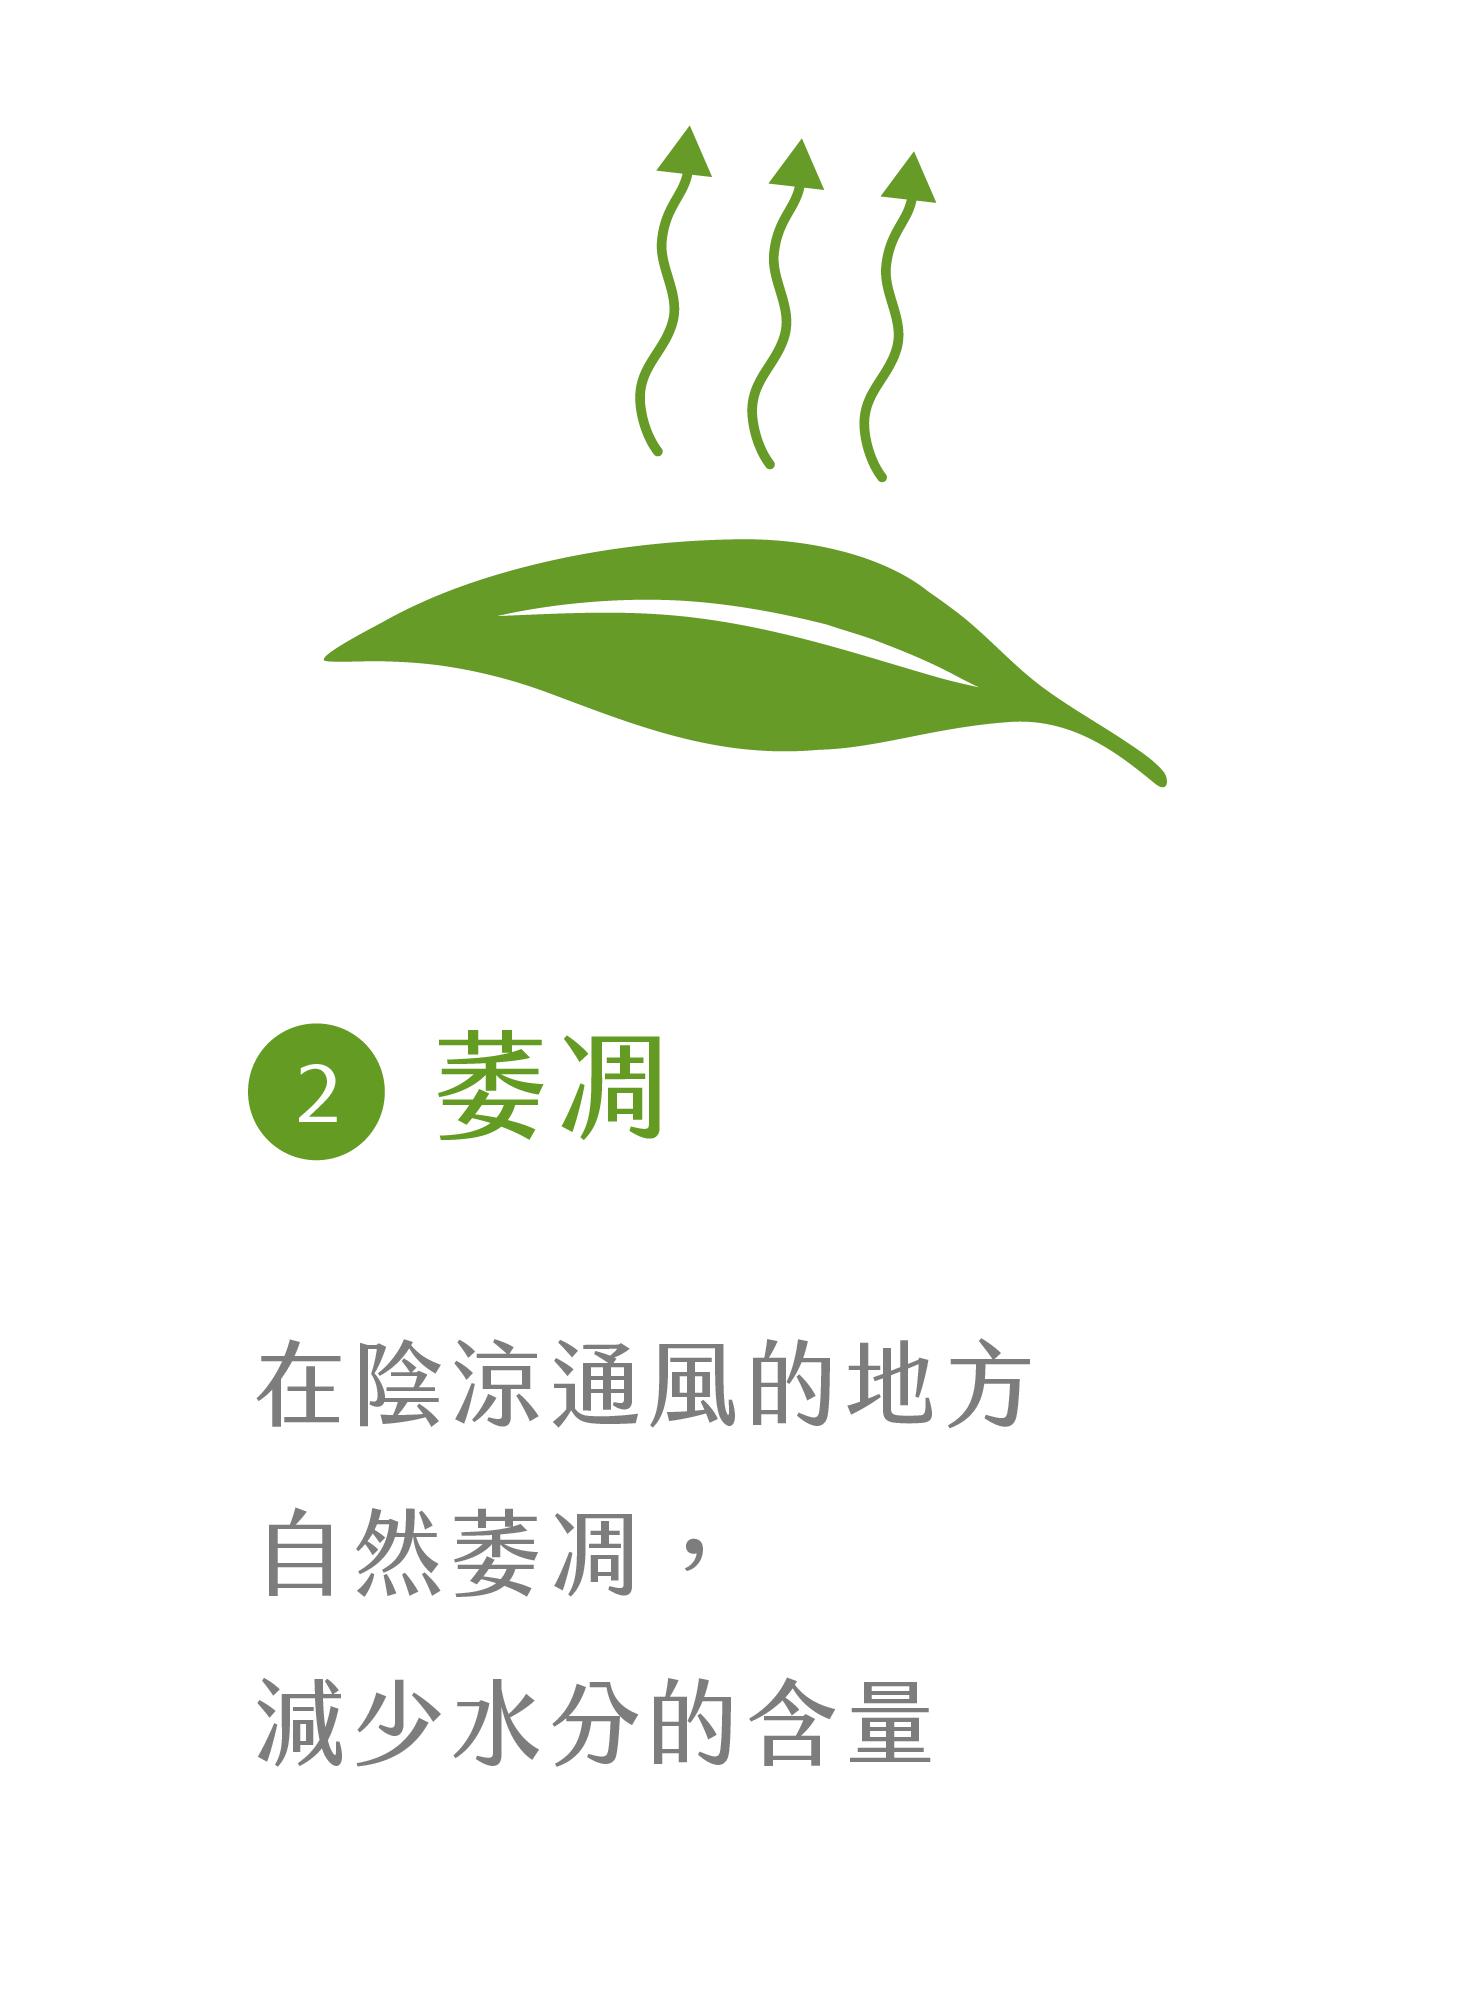 晁鎮茶苑古樹茶雨林製作流程萎凋